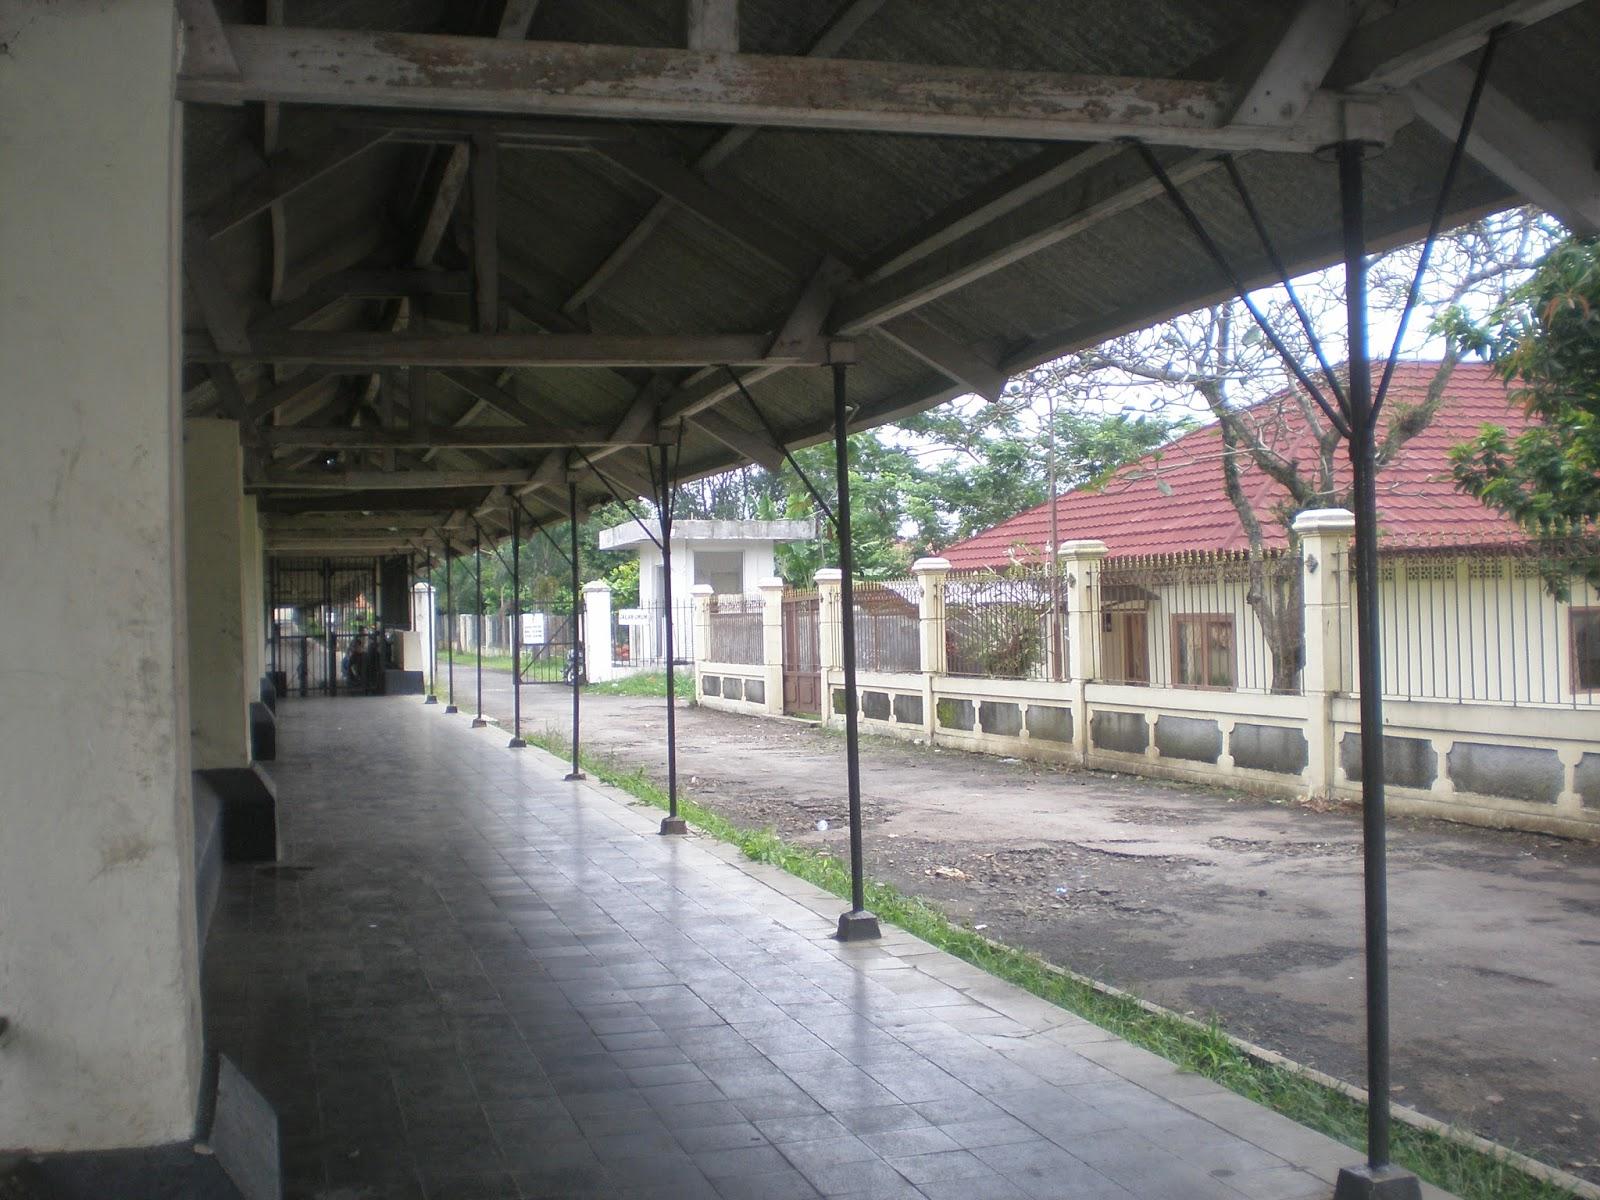 http://hendrasuhendra176.blogspot.com/2014/05/jalan-jalan-ke-bogor.html